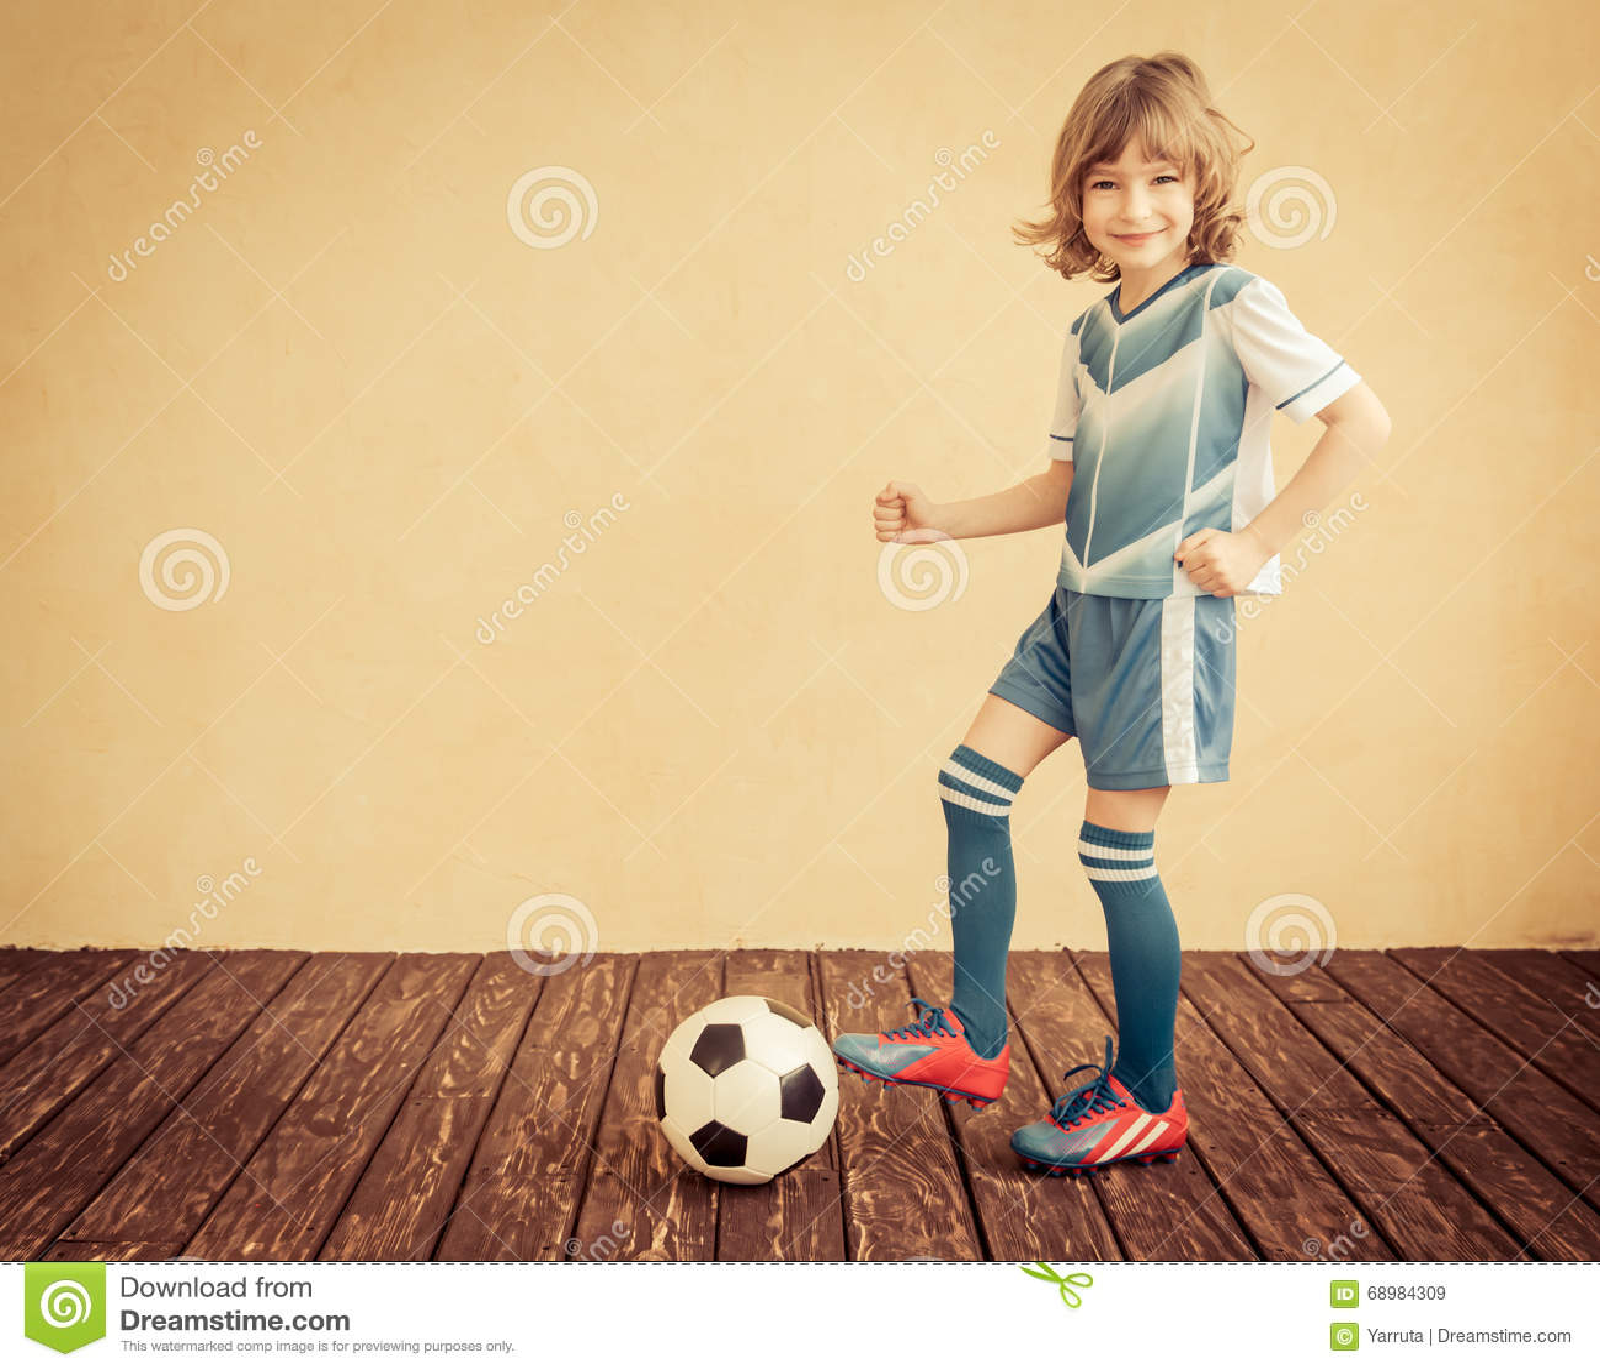 El niño está fingiendo ser jugador de fútbol